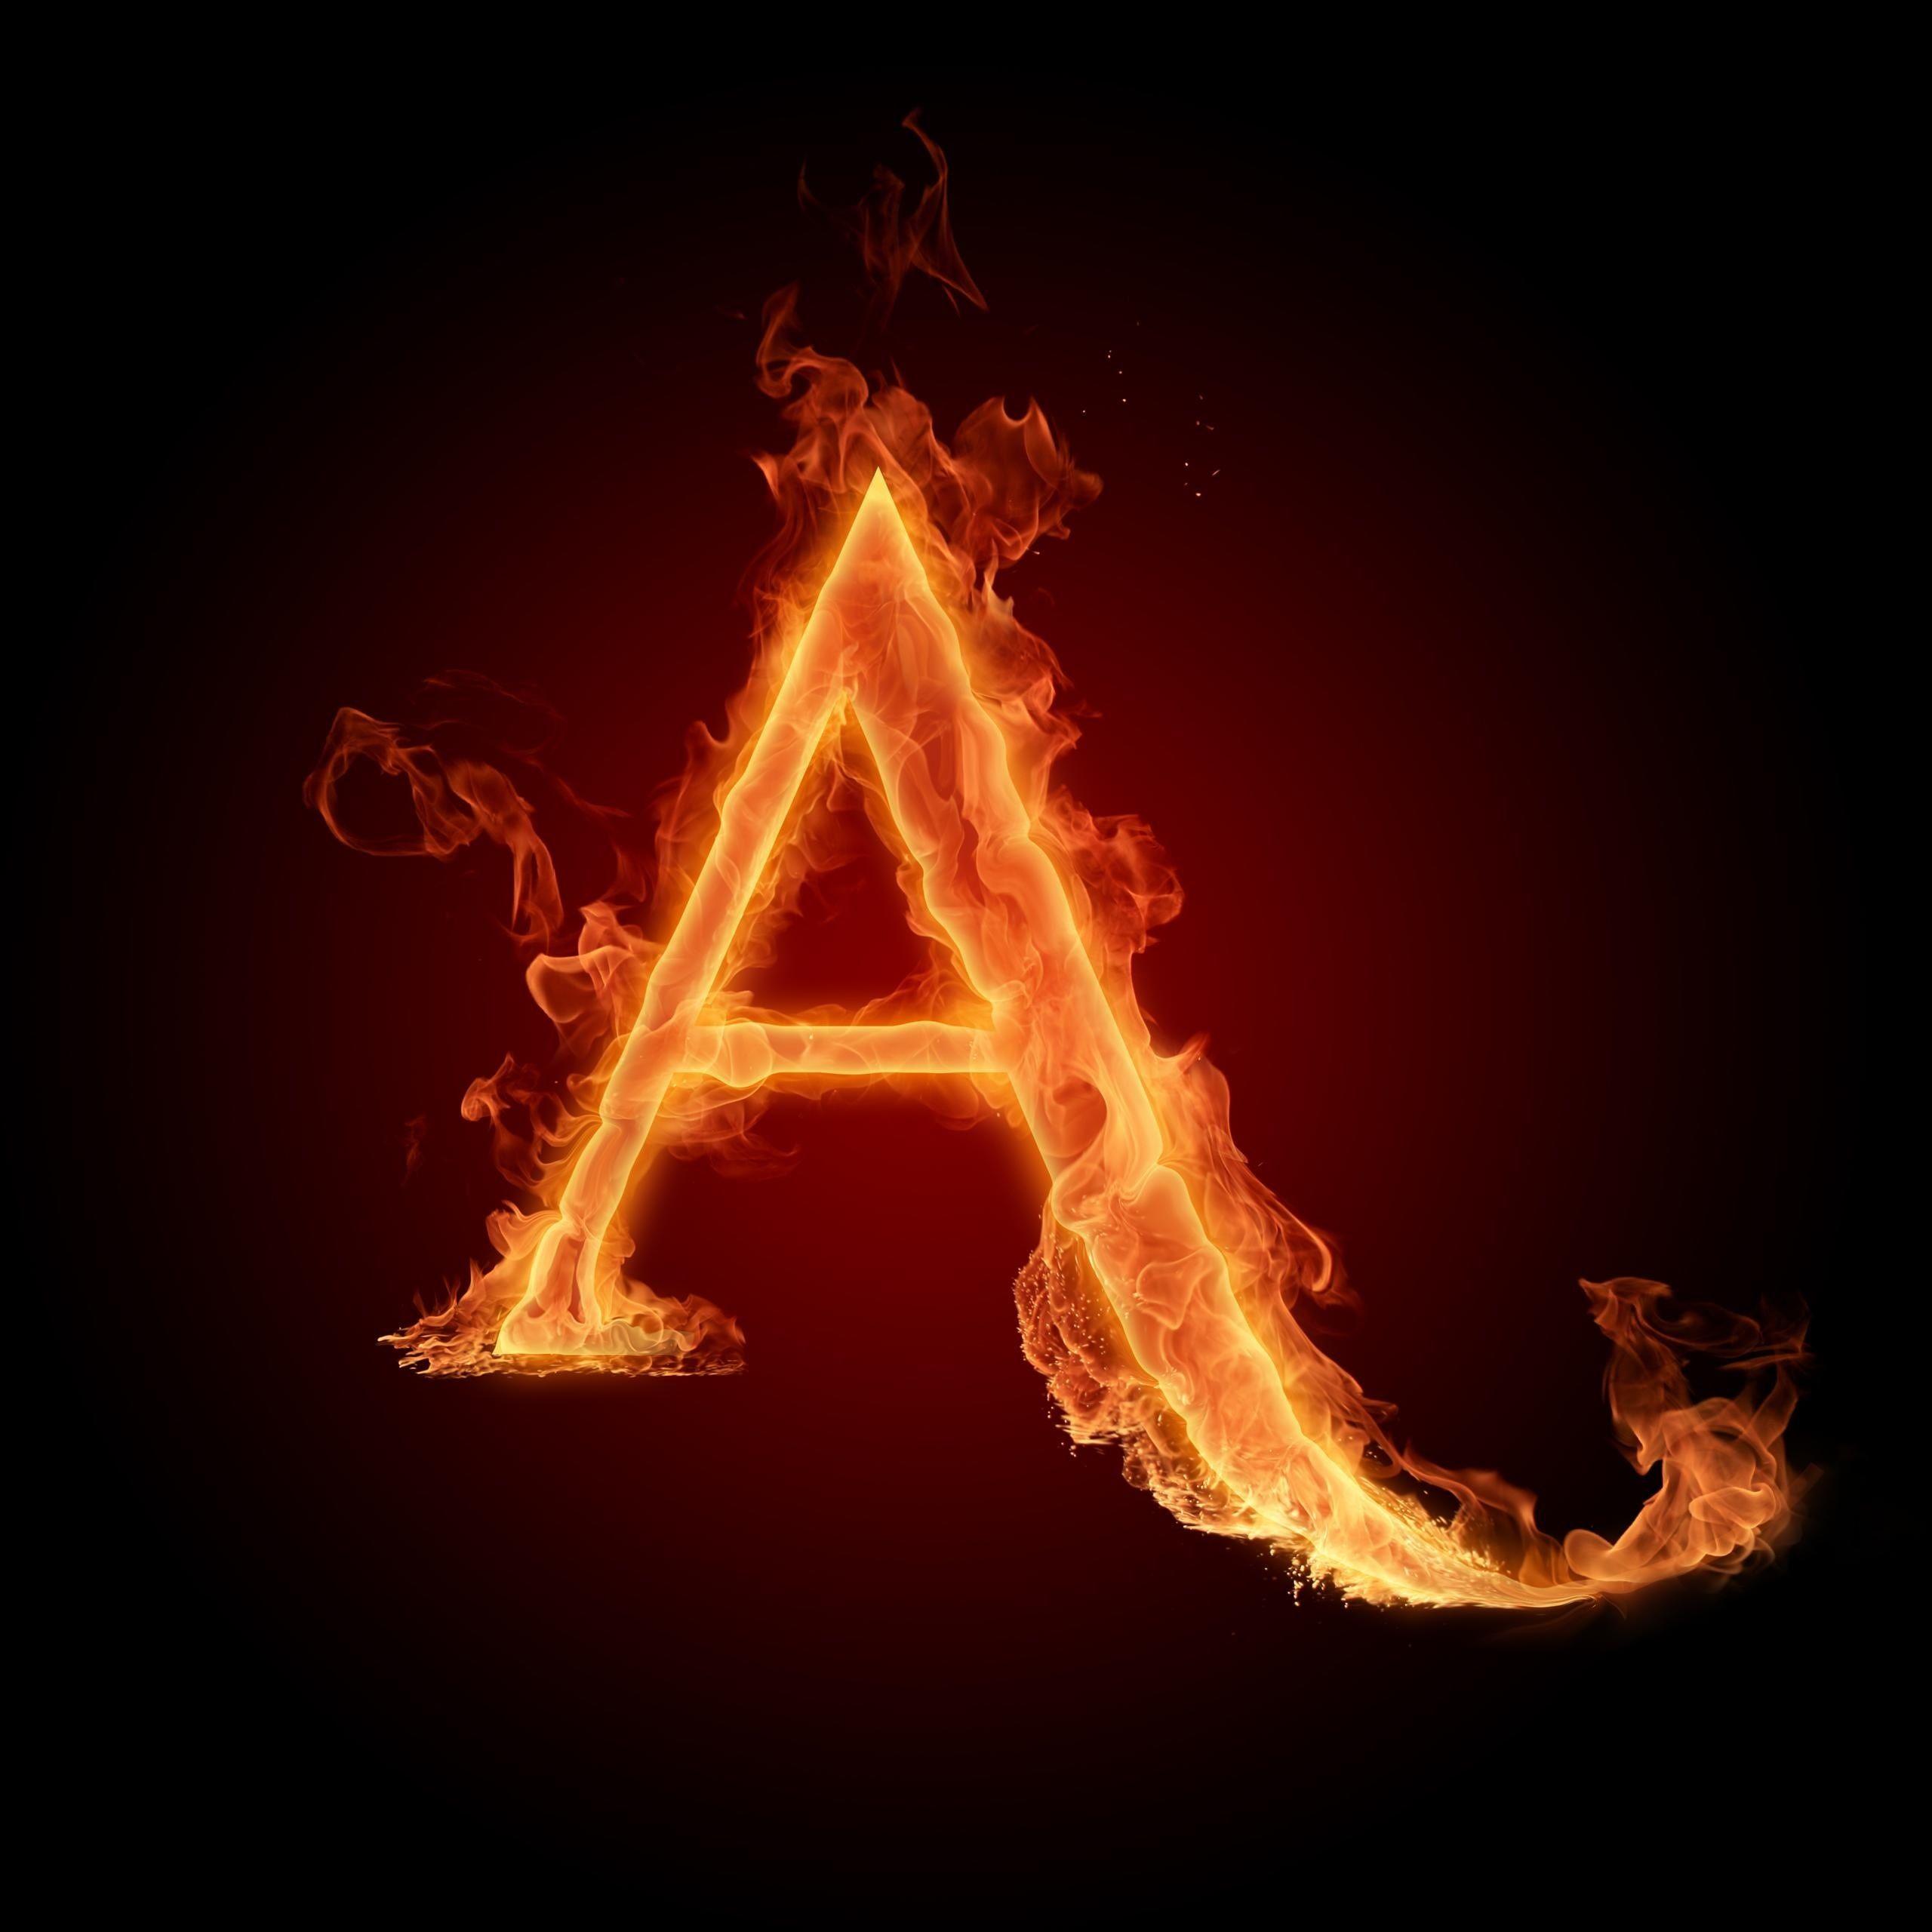 عکس پروفایل حرف a آتشین دیدنی